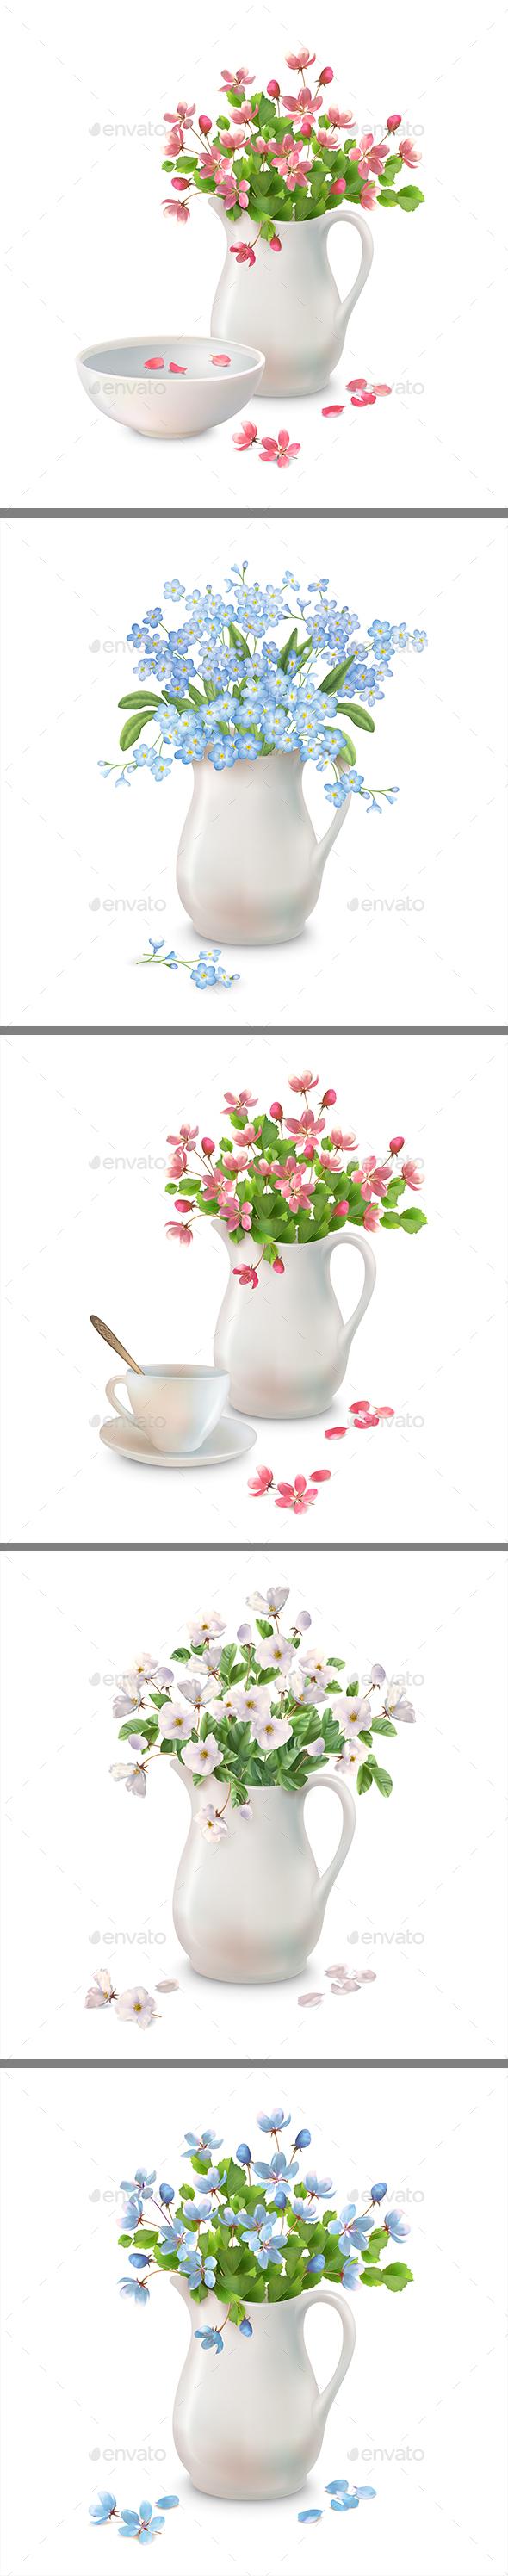 Spring Flowers in Jug - Flowers & Plants Nature